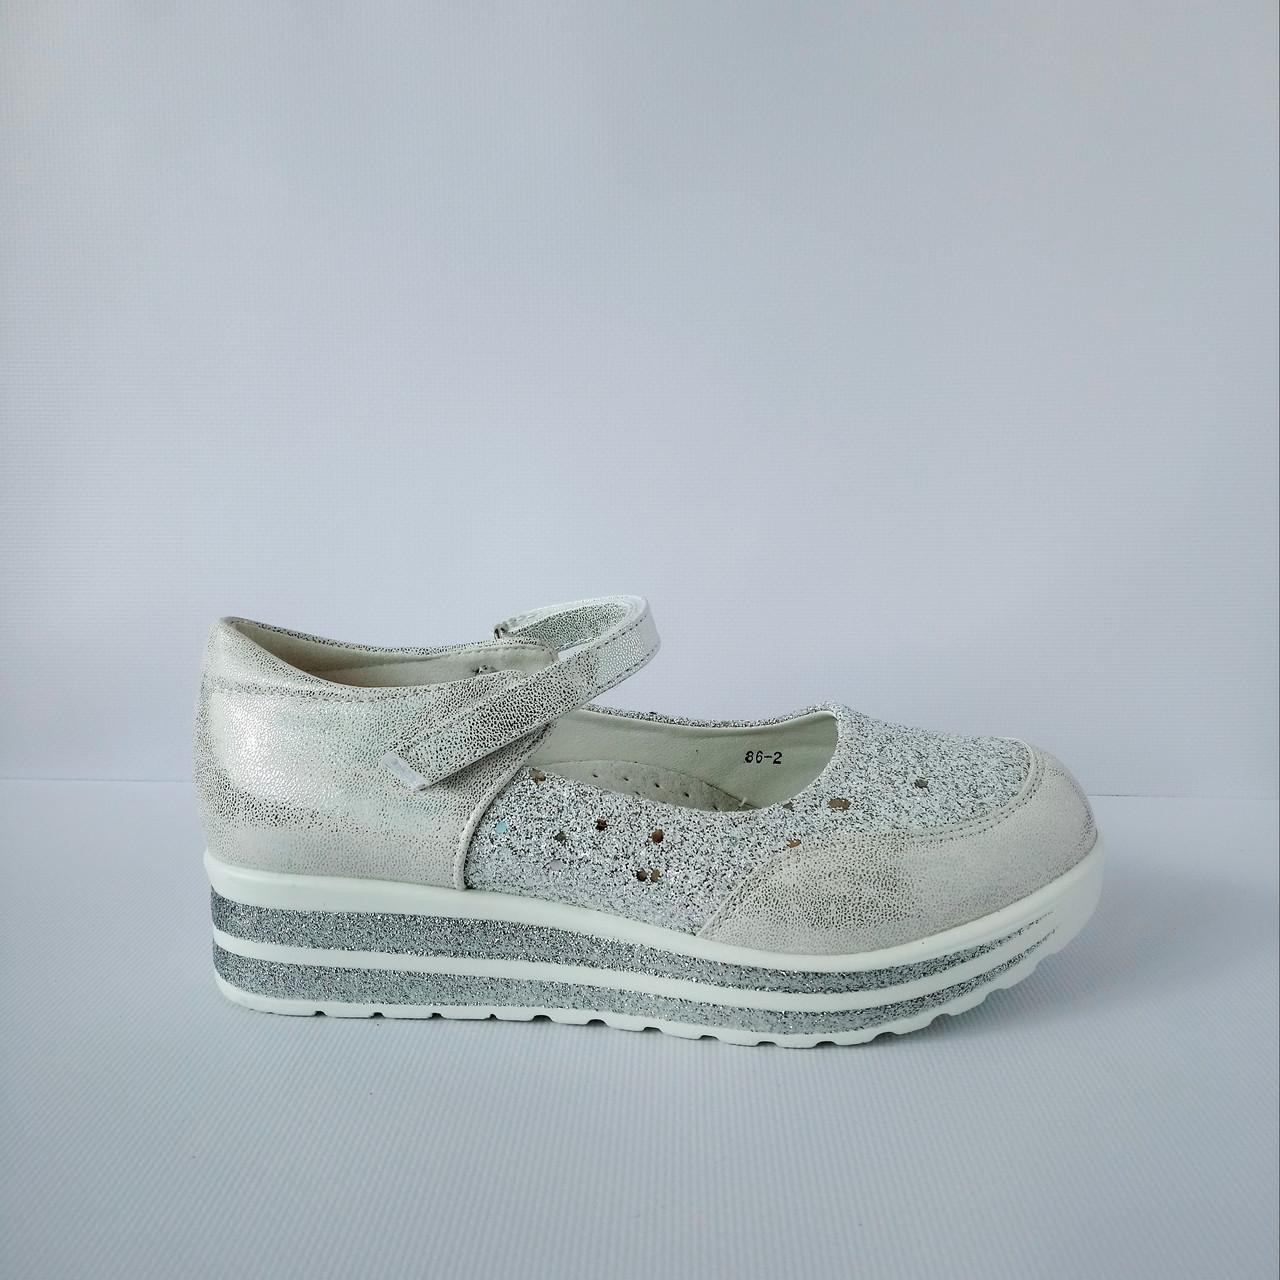 Школьные трендовые туфли на платформе девочкам, р. 30,31,32,34,35,36,37. Белые